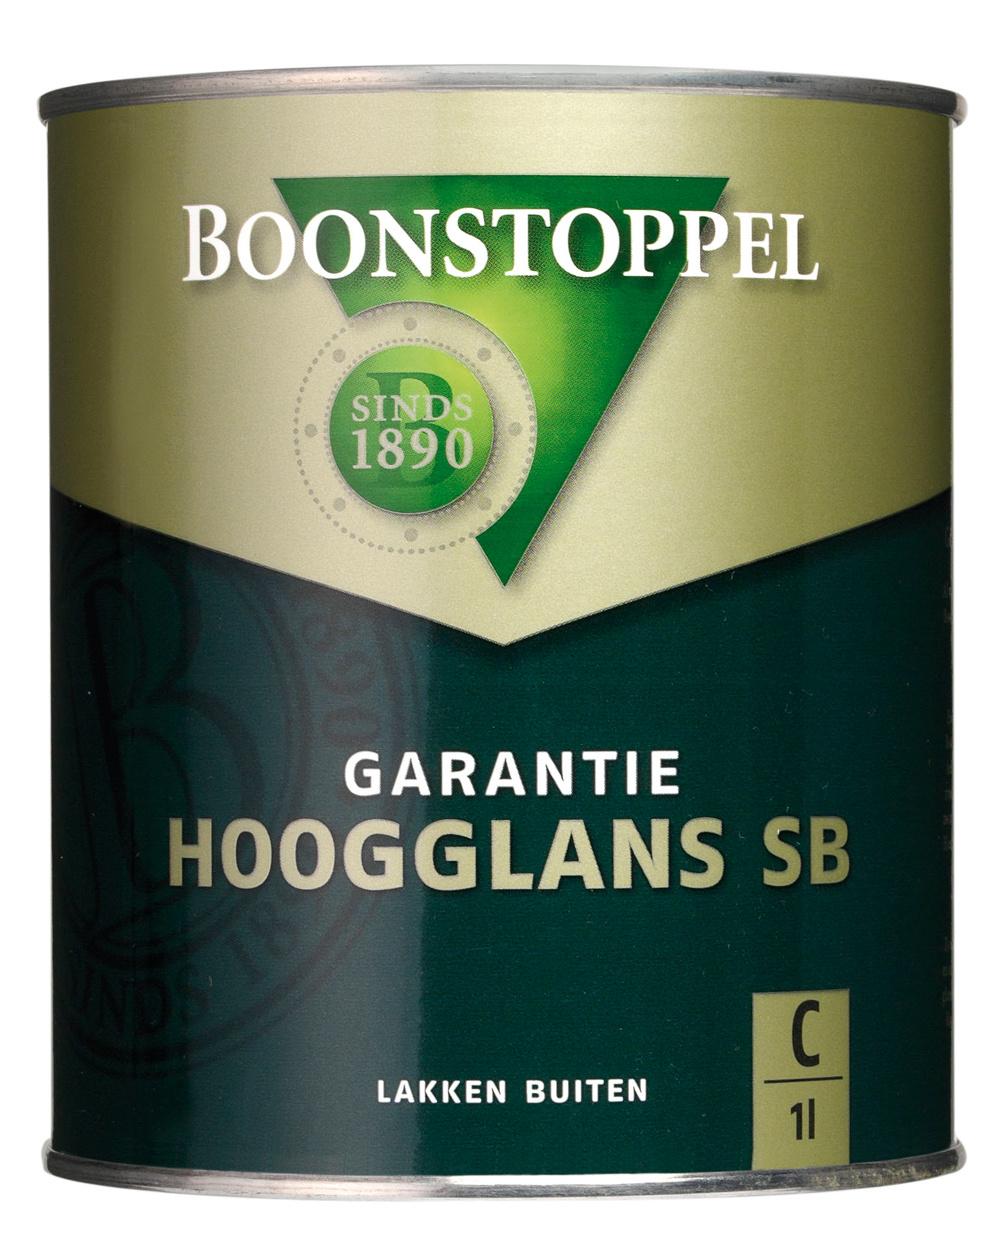 Boonstoppel Garantie Hoogglans SB